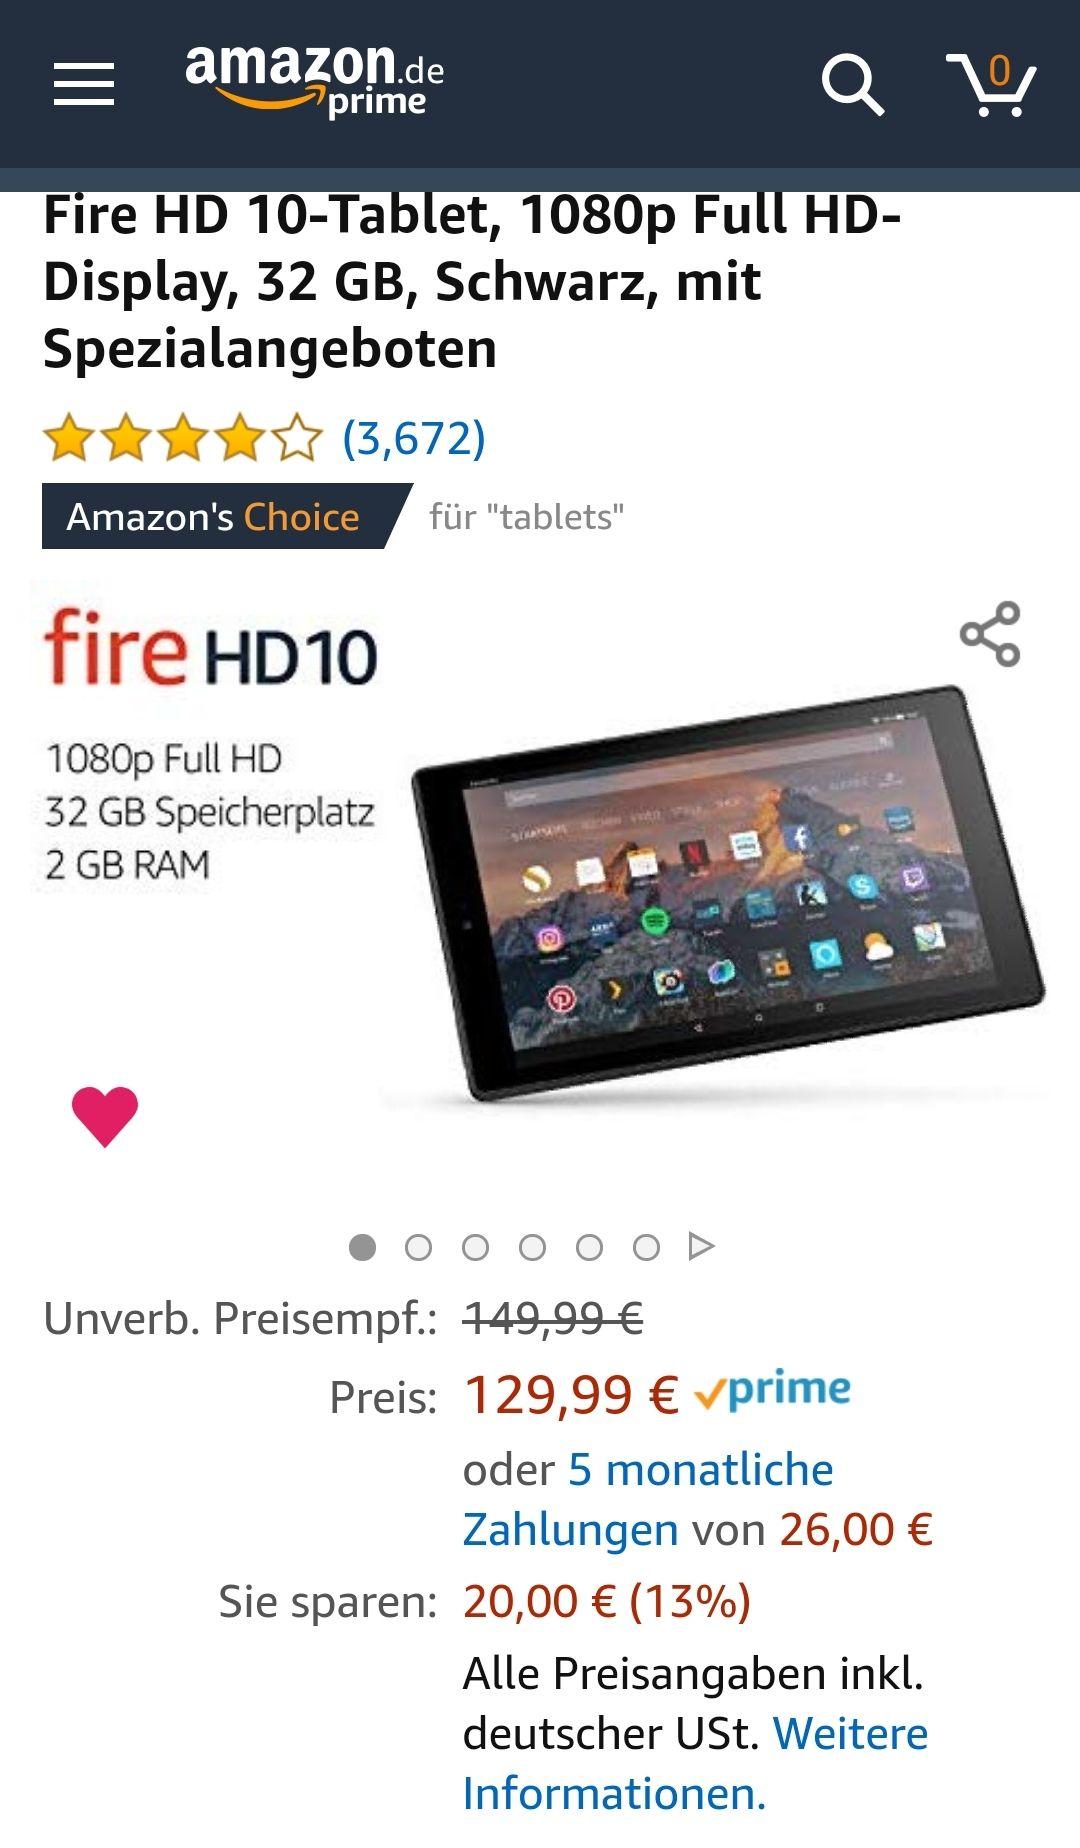 Amazone Fire tablet HD 10 mit Spezialangebote